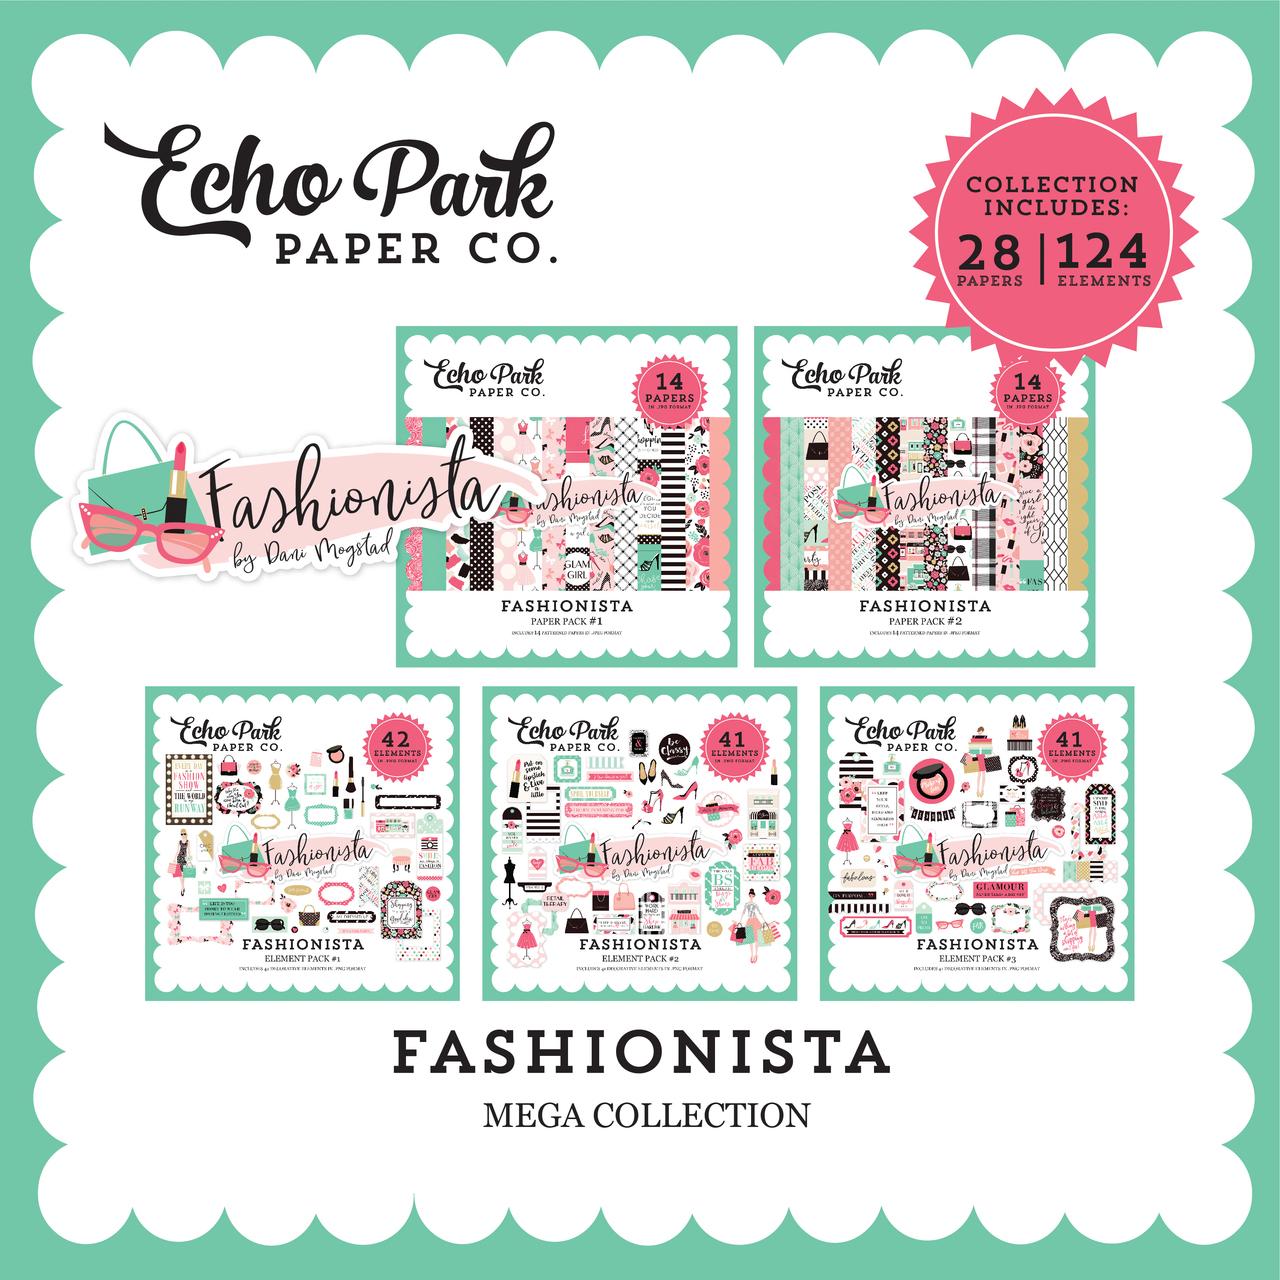 Fashionista Mega Collection